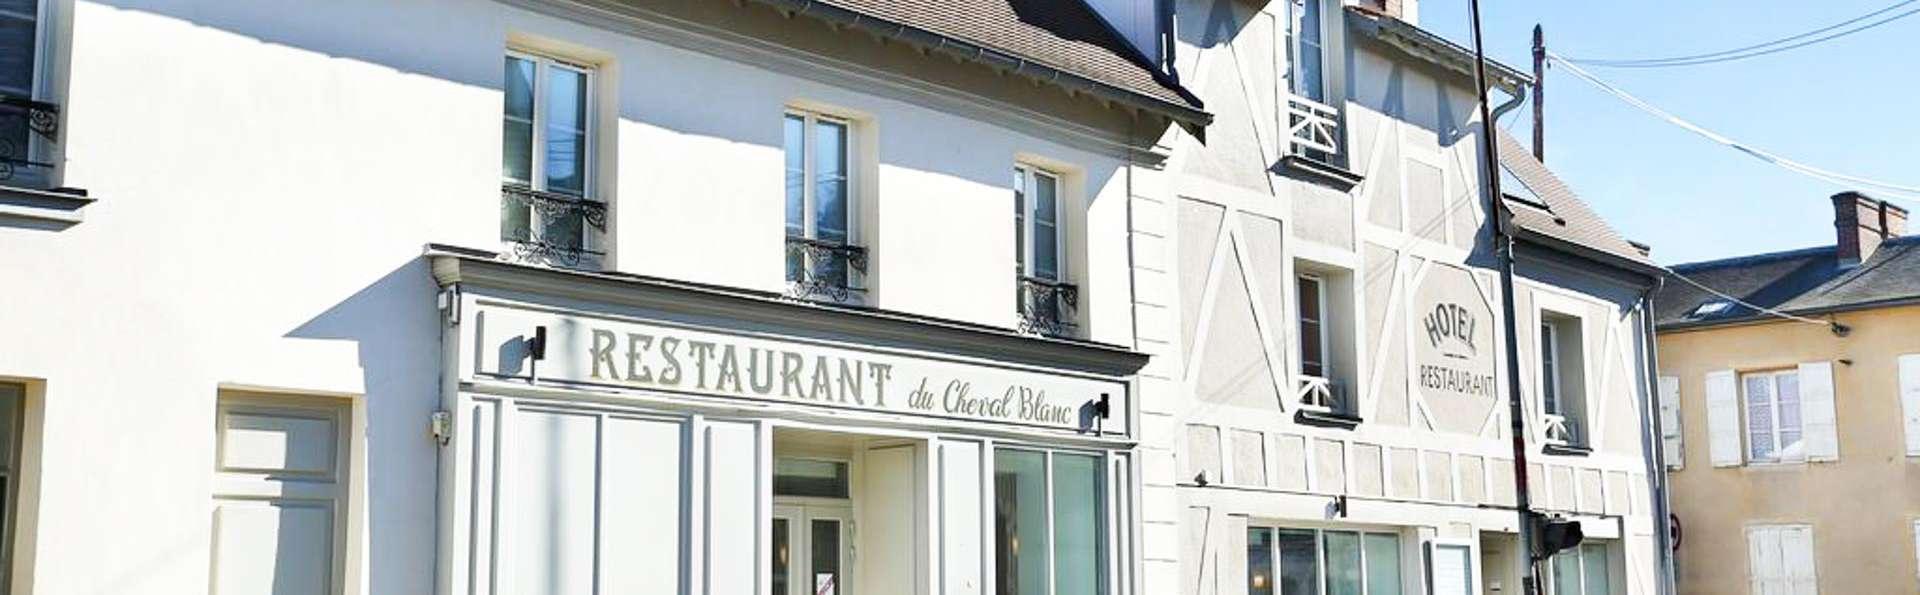 Hôtel Le Cheval Blanc Paris Marne La Vallée - EDIT_FRONT_03.jpg